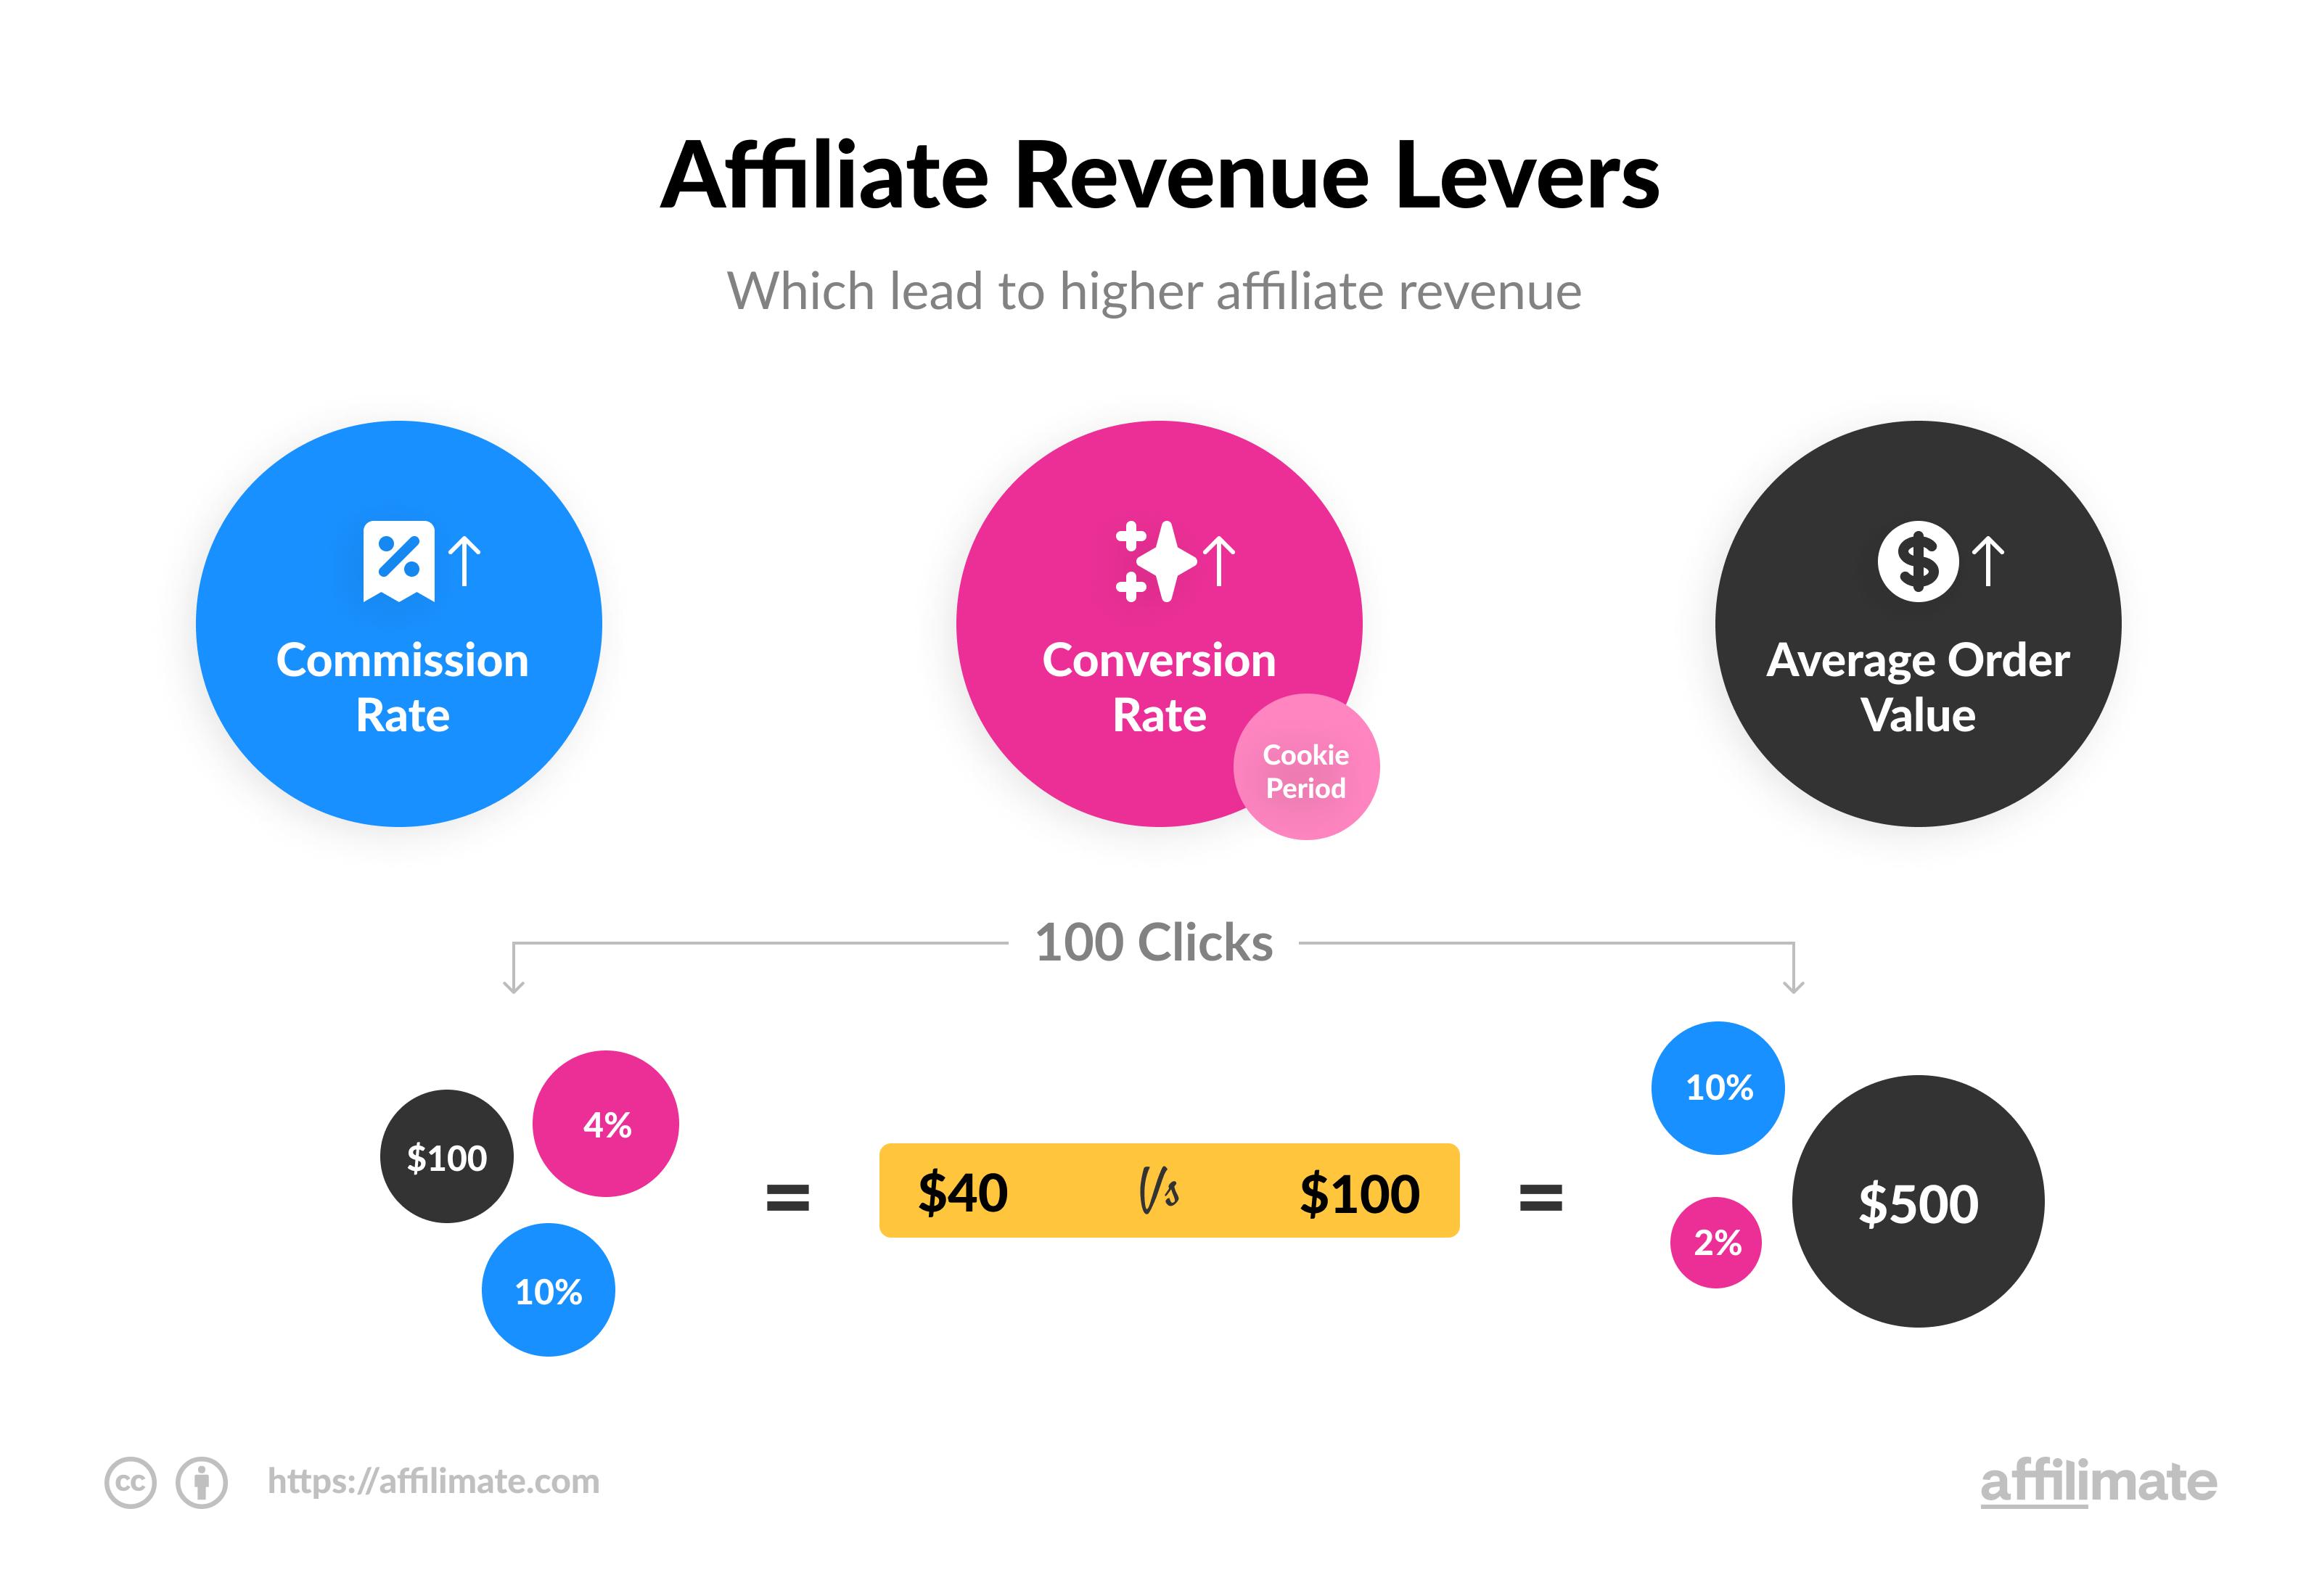 Affiliate Revenue Levers